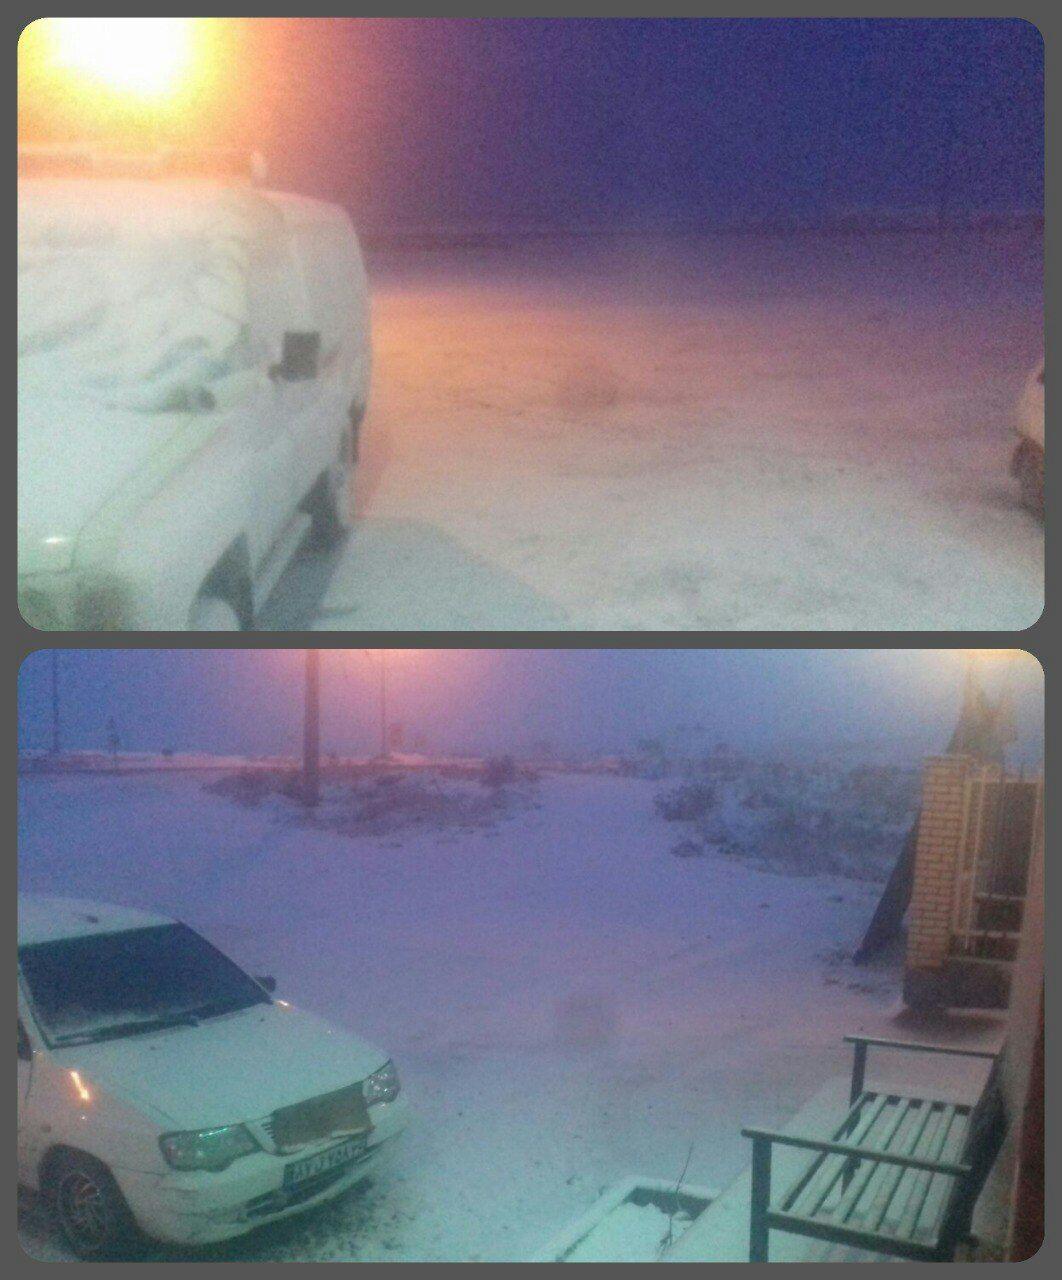 بارش برف پاییزی برخی از مناطق کشور را سفید پوش کرد